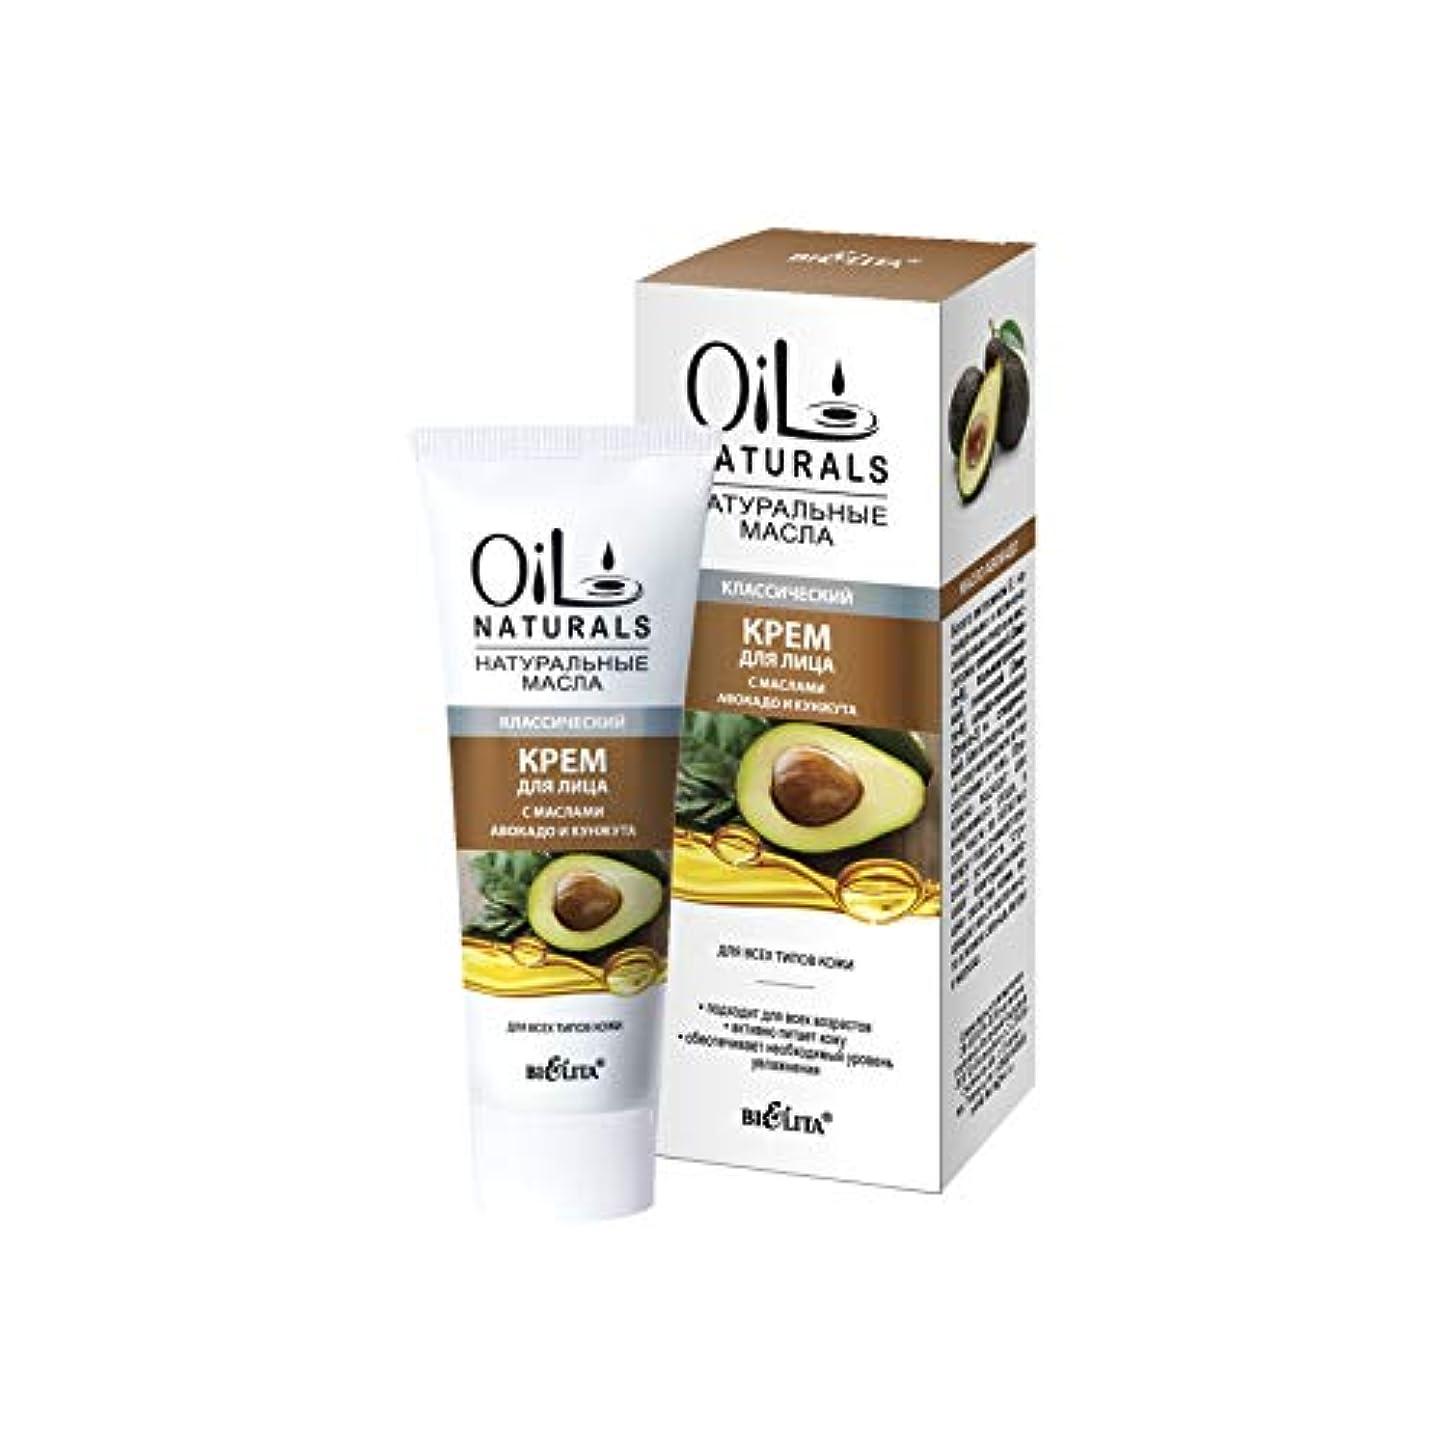 形成ハブブ考古学者Bielita & Vitex  Oil Naturals Line   Classic Moisturizing Face Cream, for All Skin Types, 50 ml   Avocado Oil,...